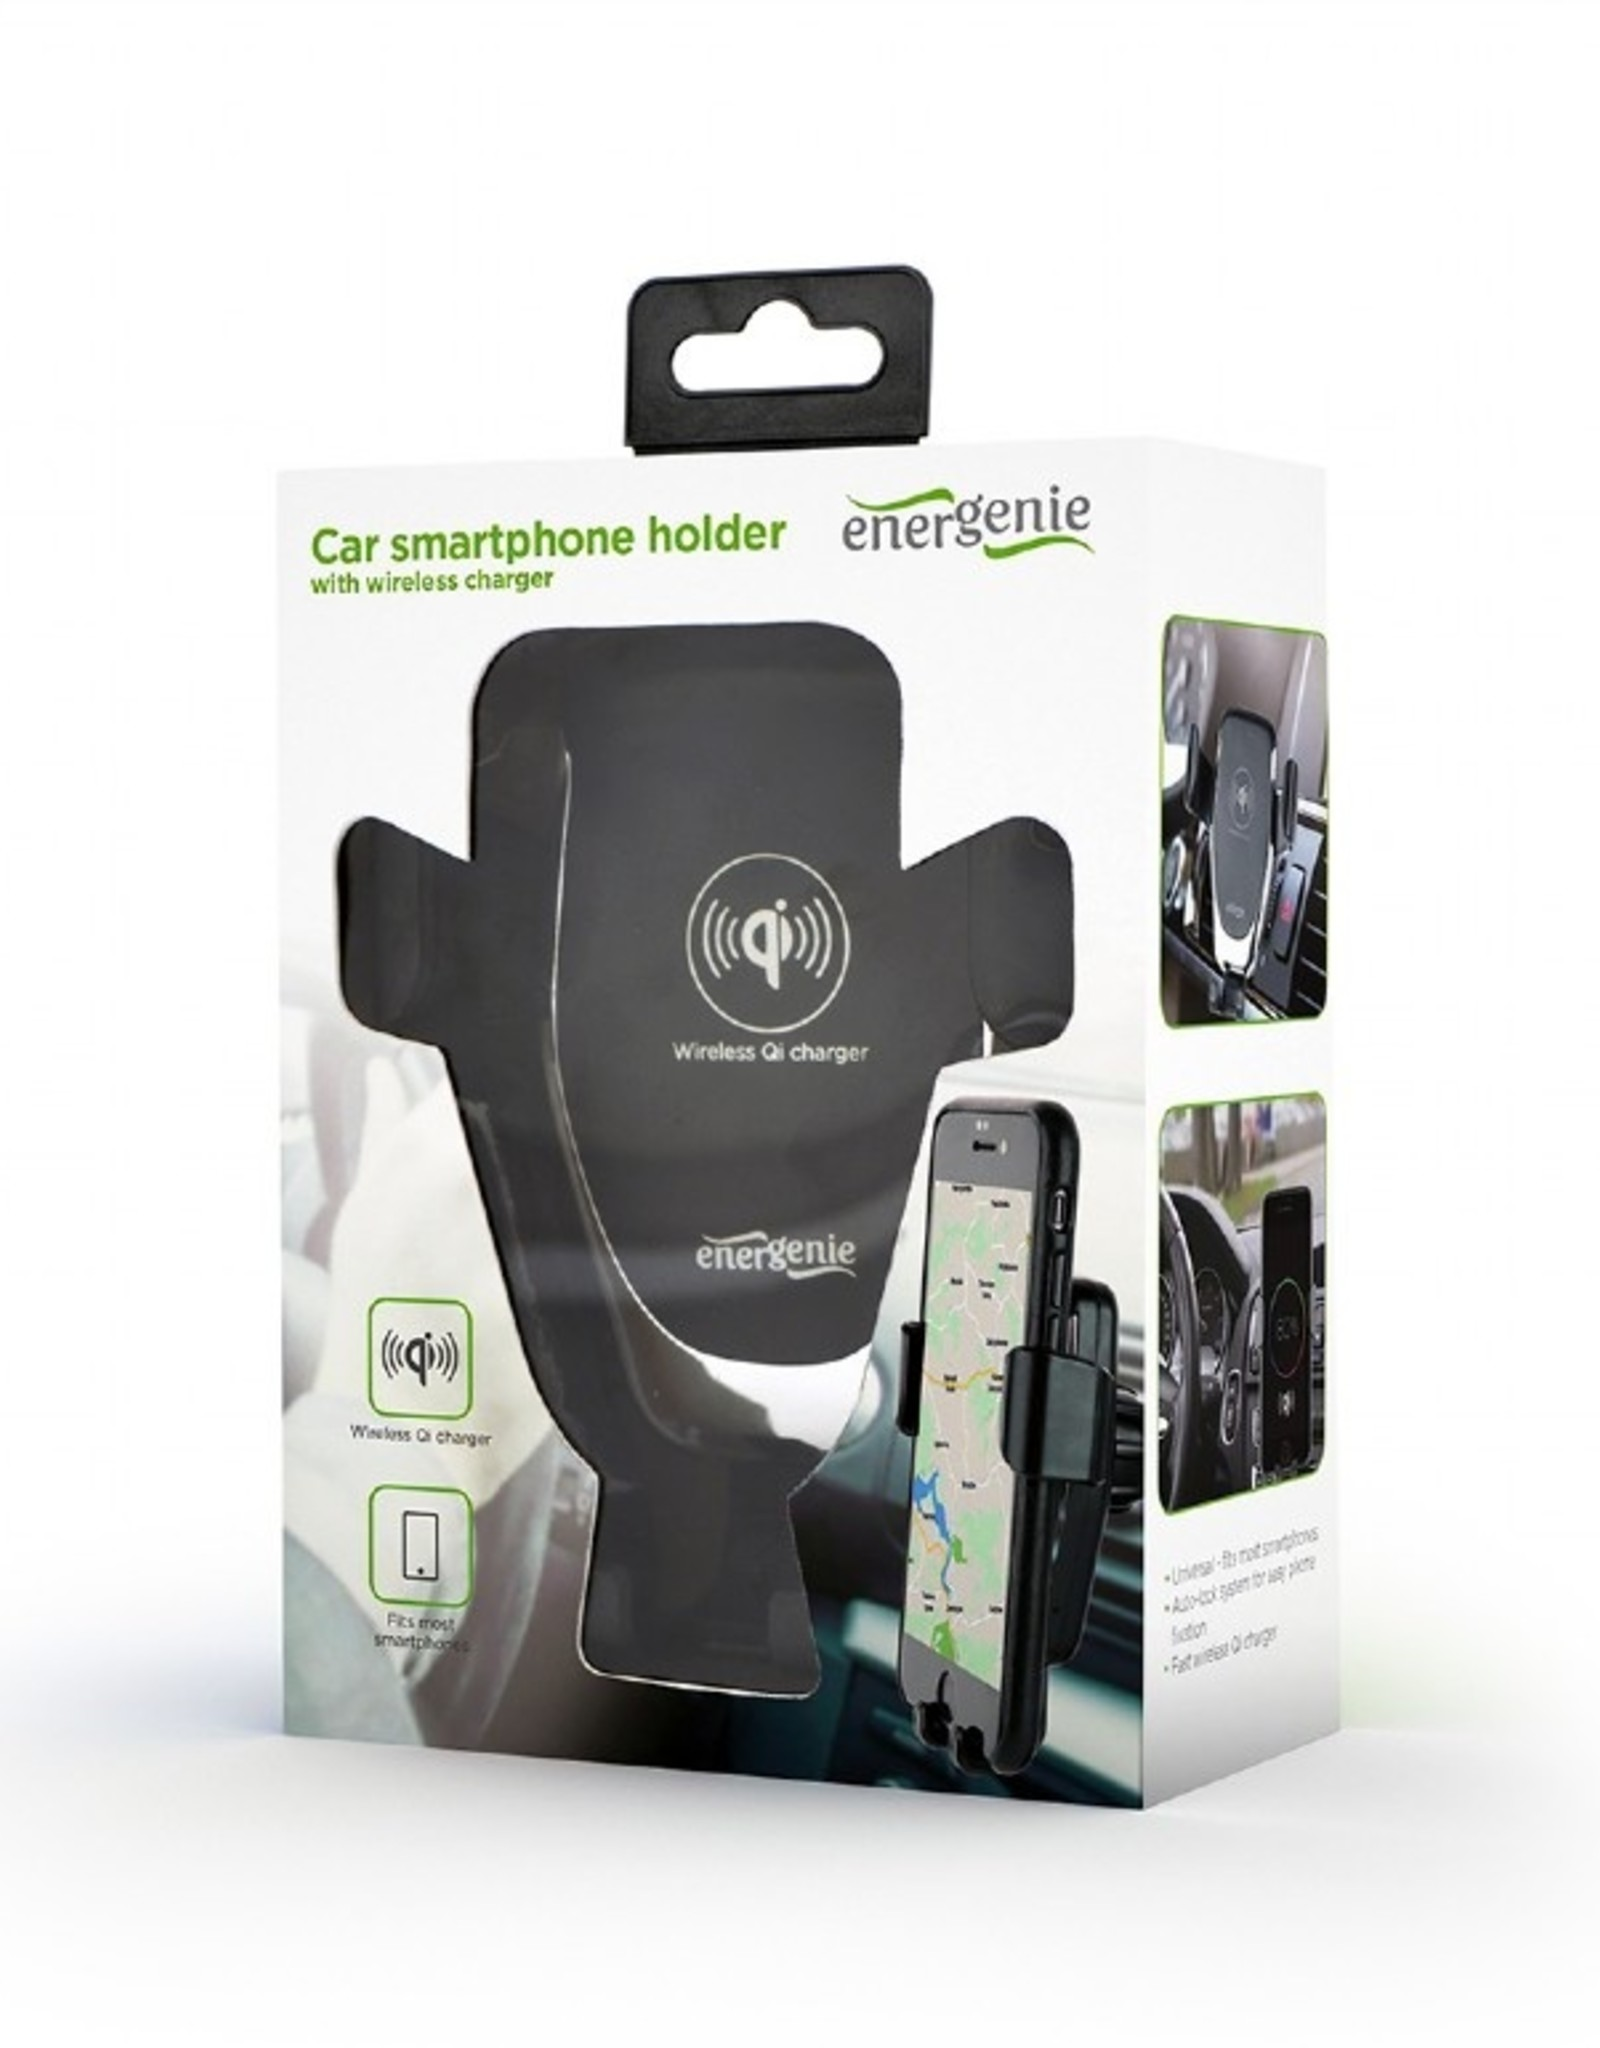 Energenie Smartphone autohouder met draadloze snellader, 10 W